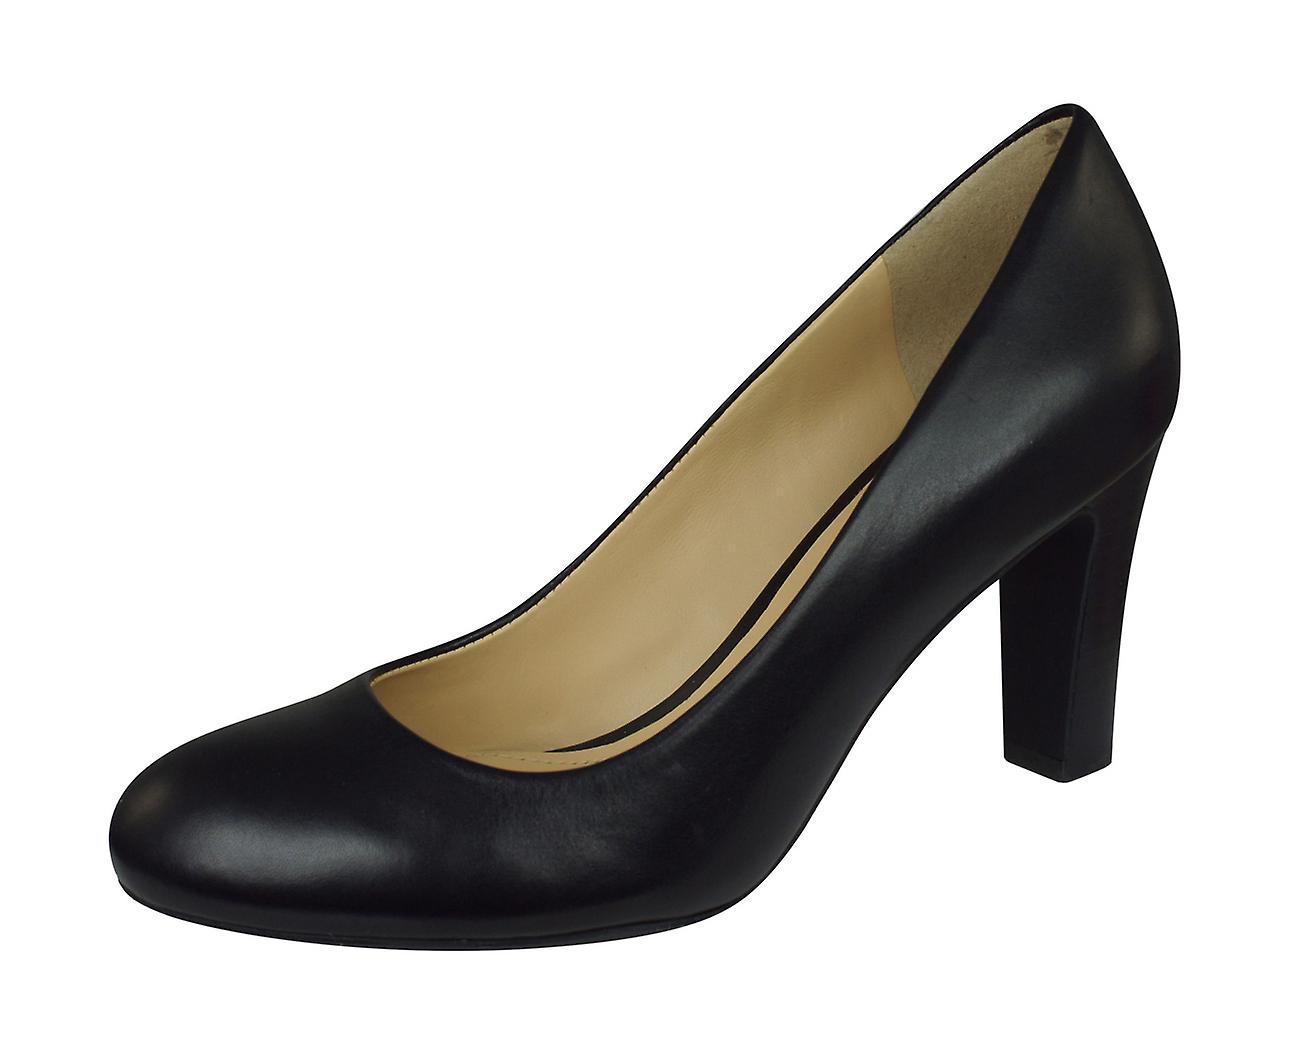 Geox D N Mariele H.A lisse en cuir chaussures femme   talons hauts - noir